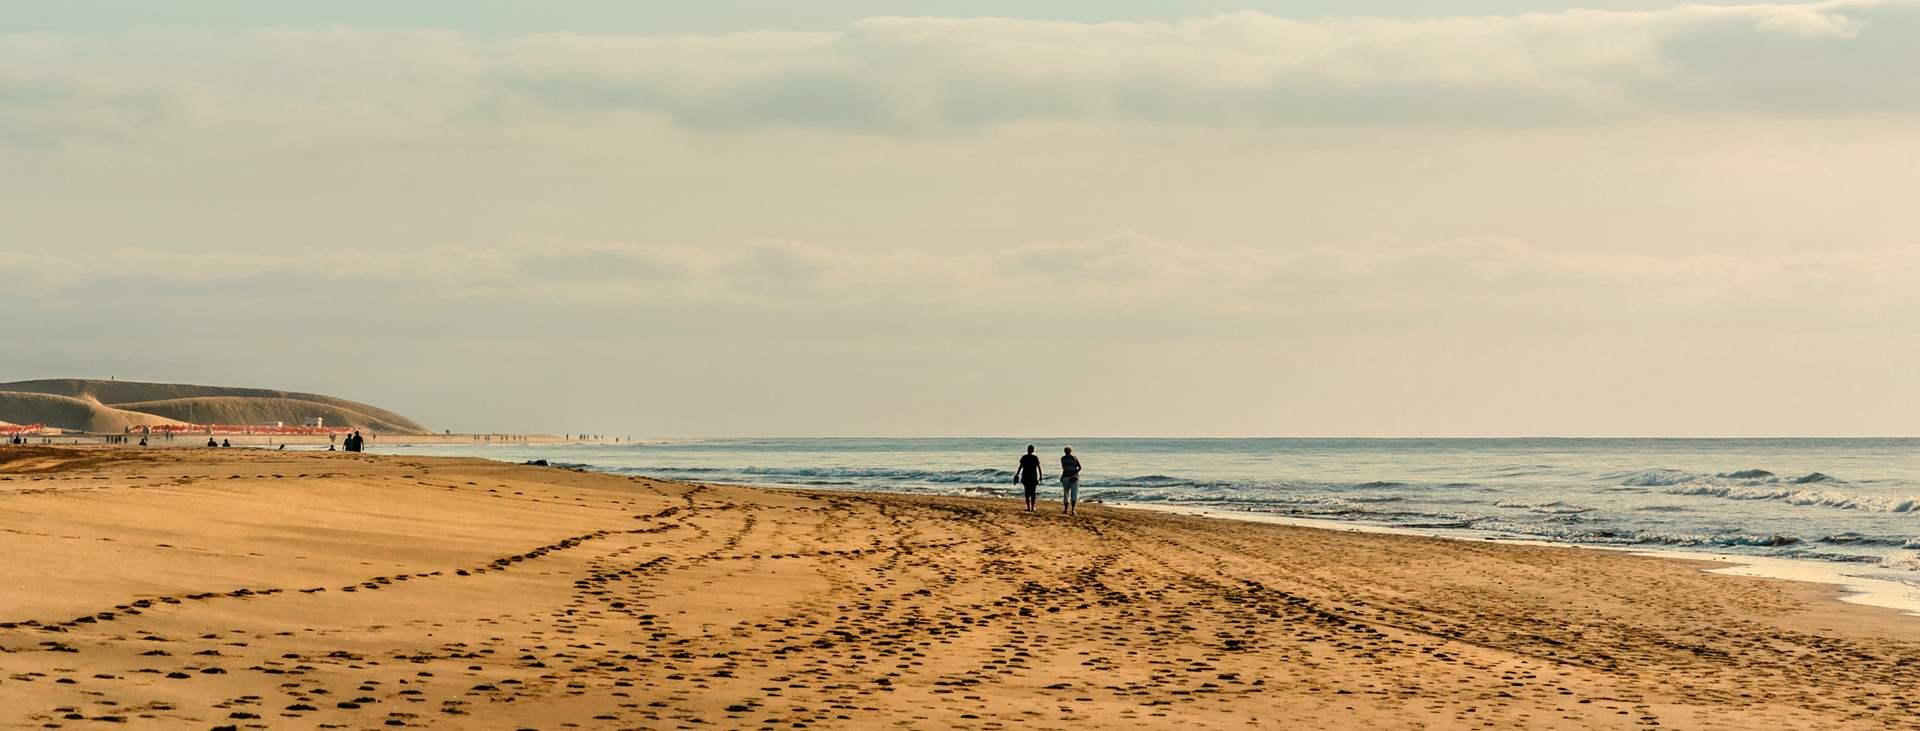 Rejser Til Playa Del Ingles Pa Gran Canaria Med Spies